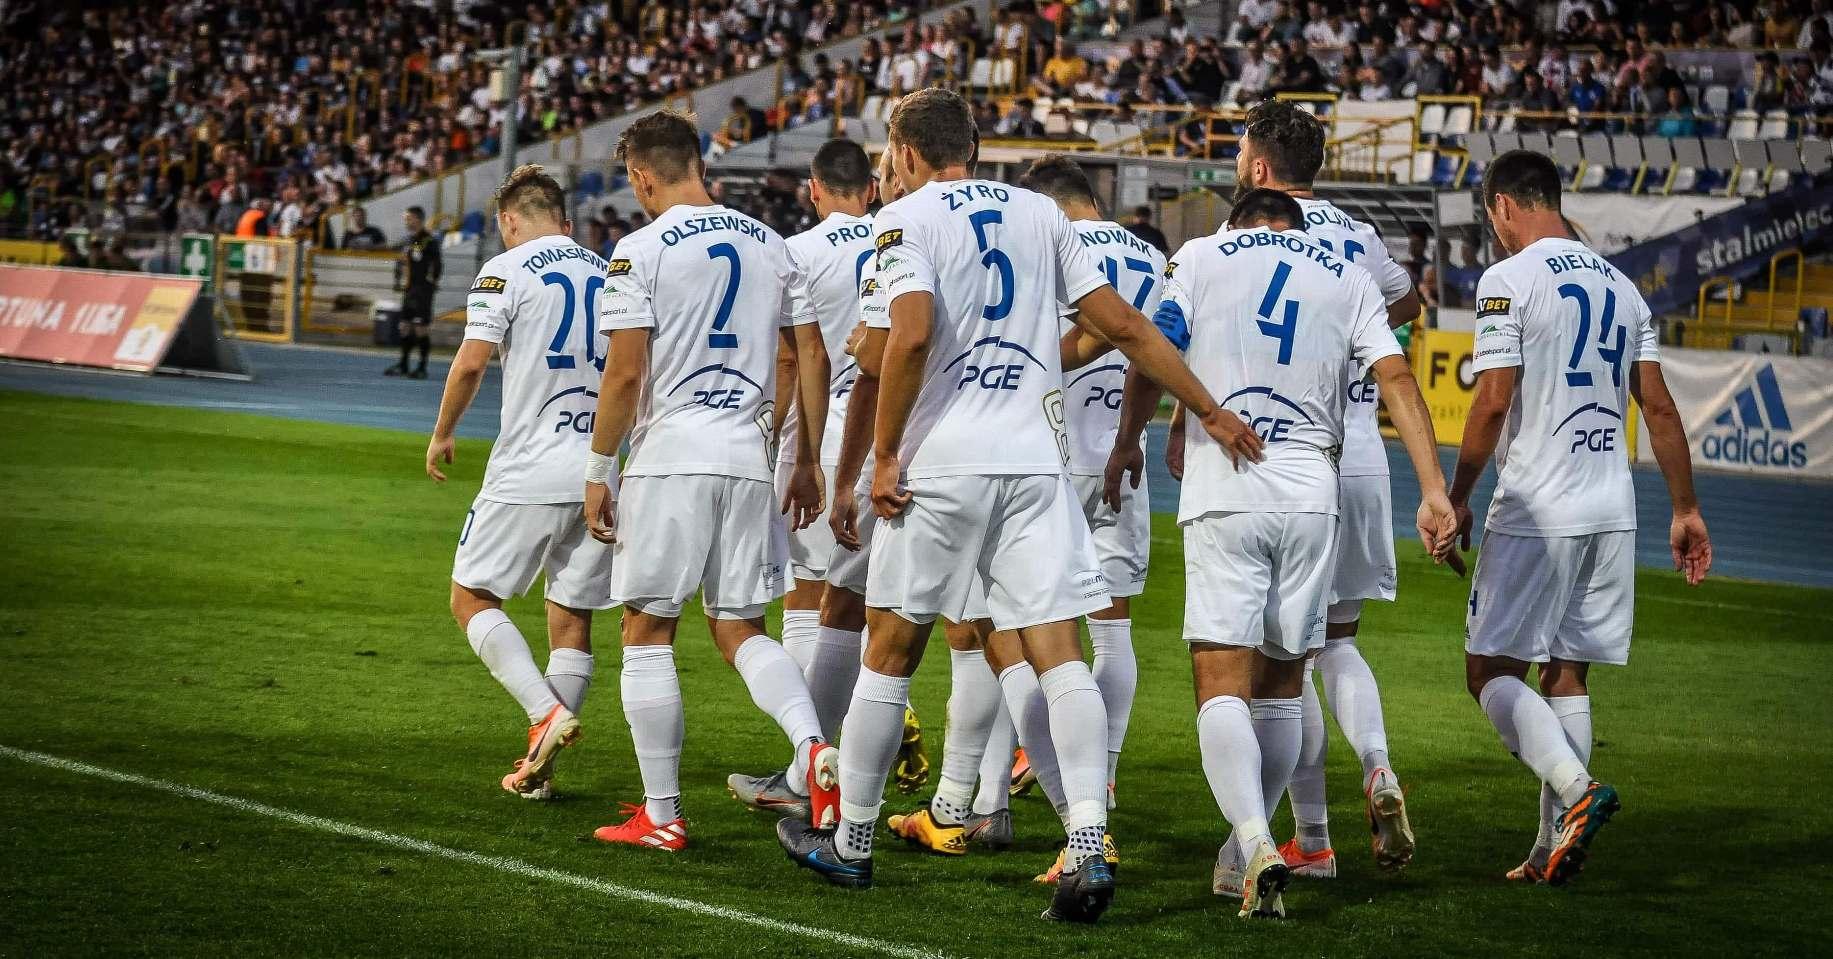 Mecz na szczycie w Mielcu. FKS Stal Mielec kontra Podbeskidzie Bielsko-Biała - Zdjęcie główne